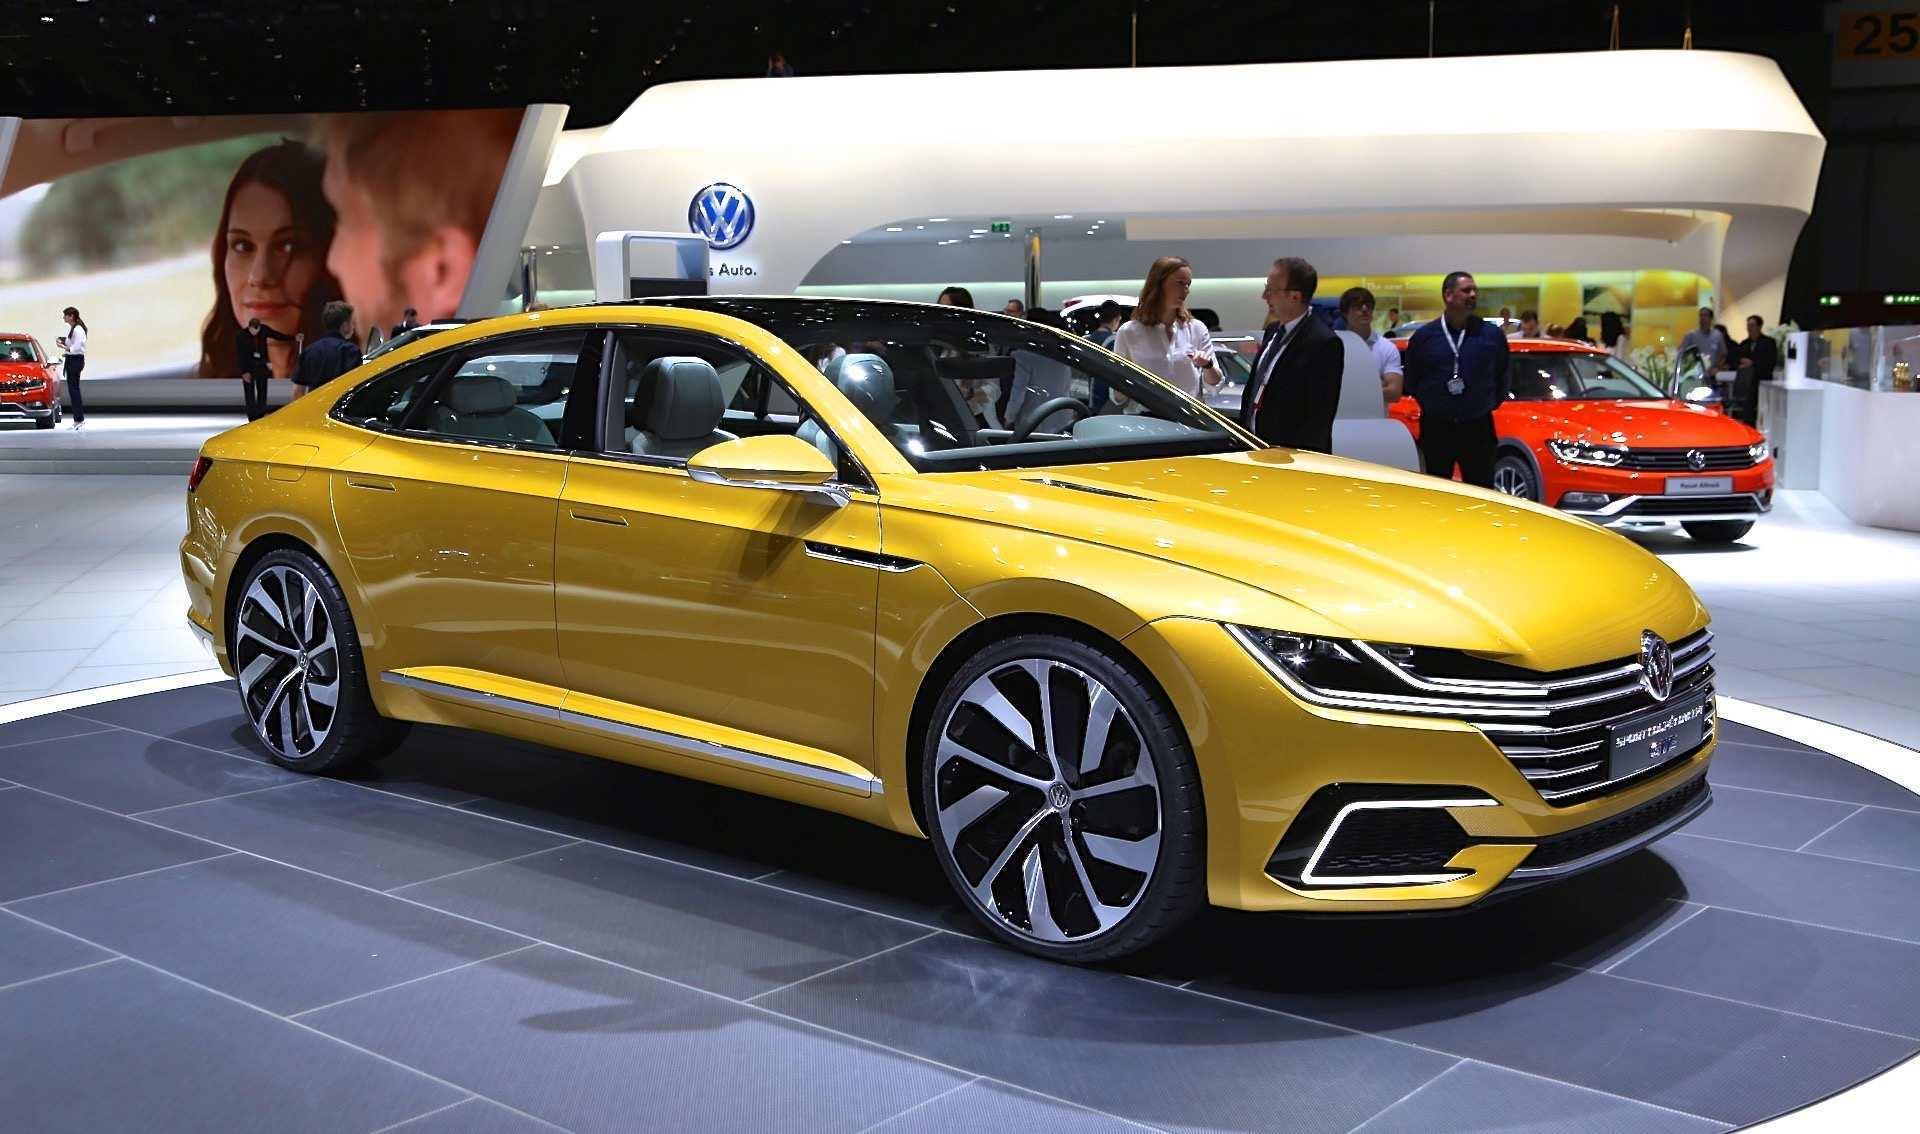 34 All New 2020 Volkswagen CC Speed Test by 2020 Volkswagen CC